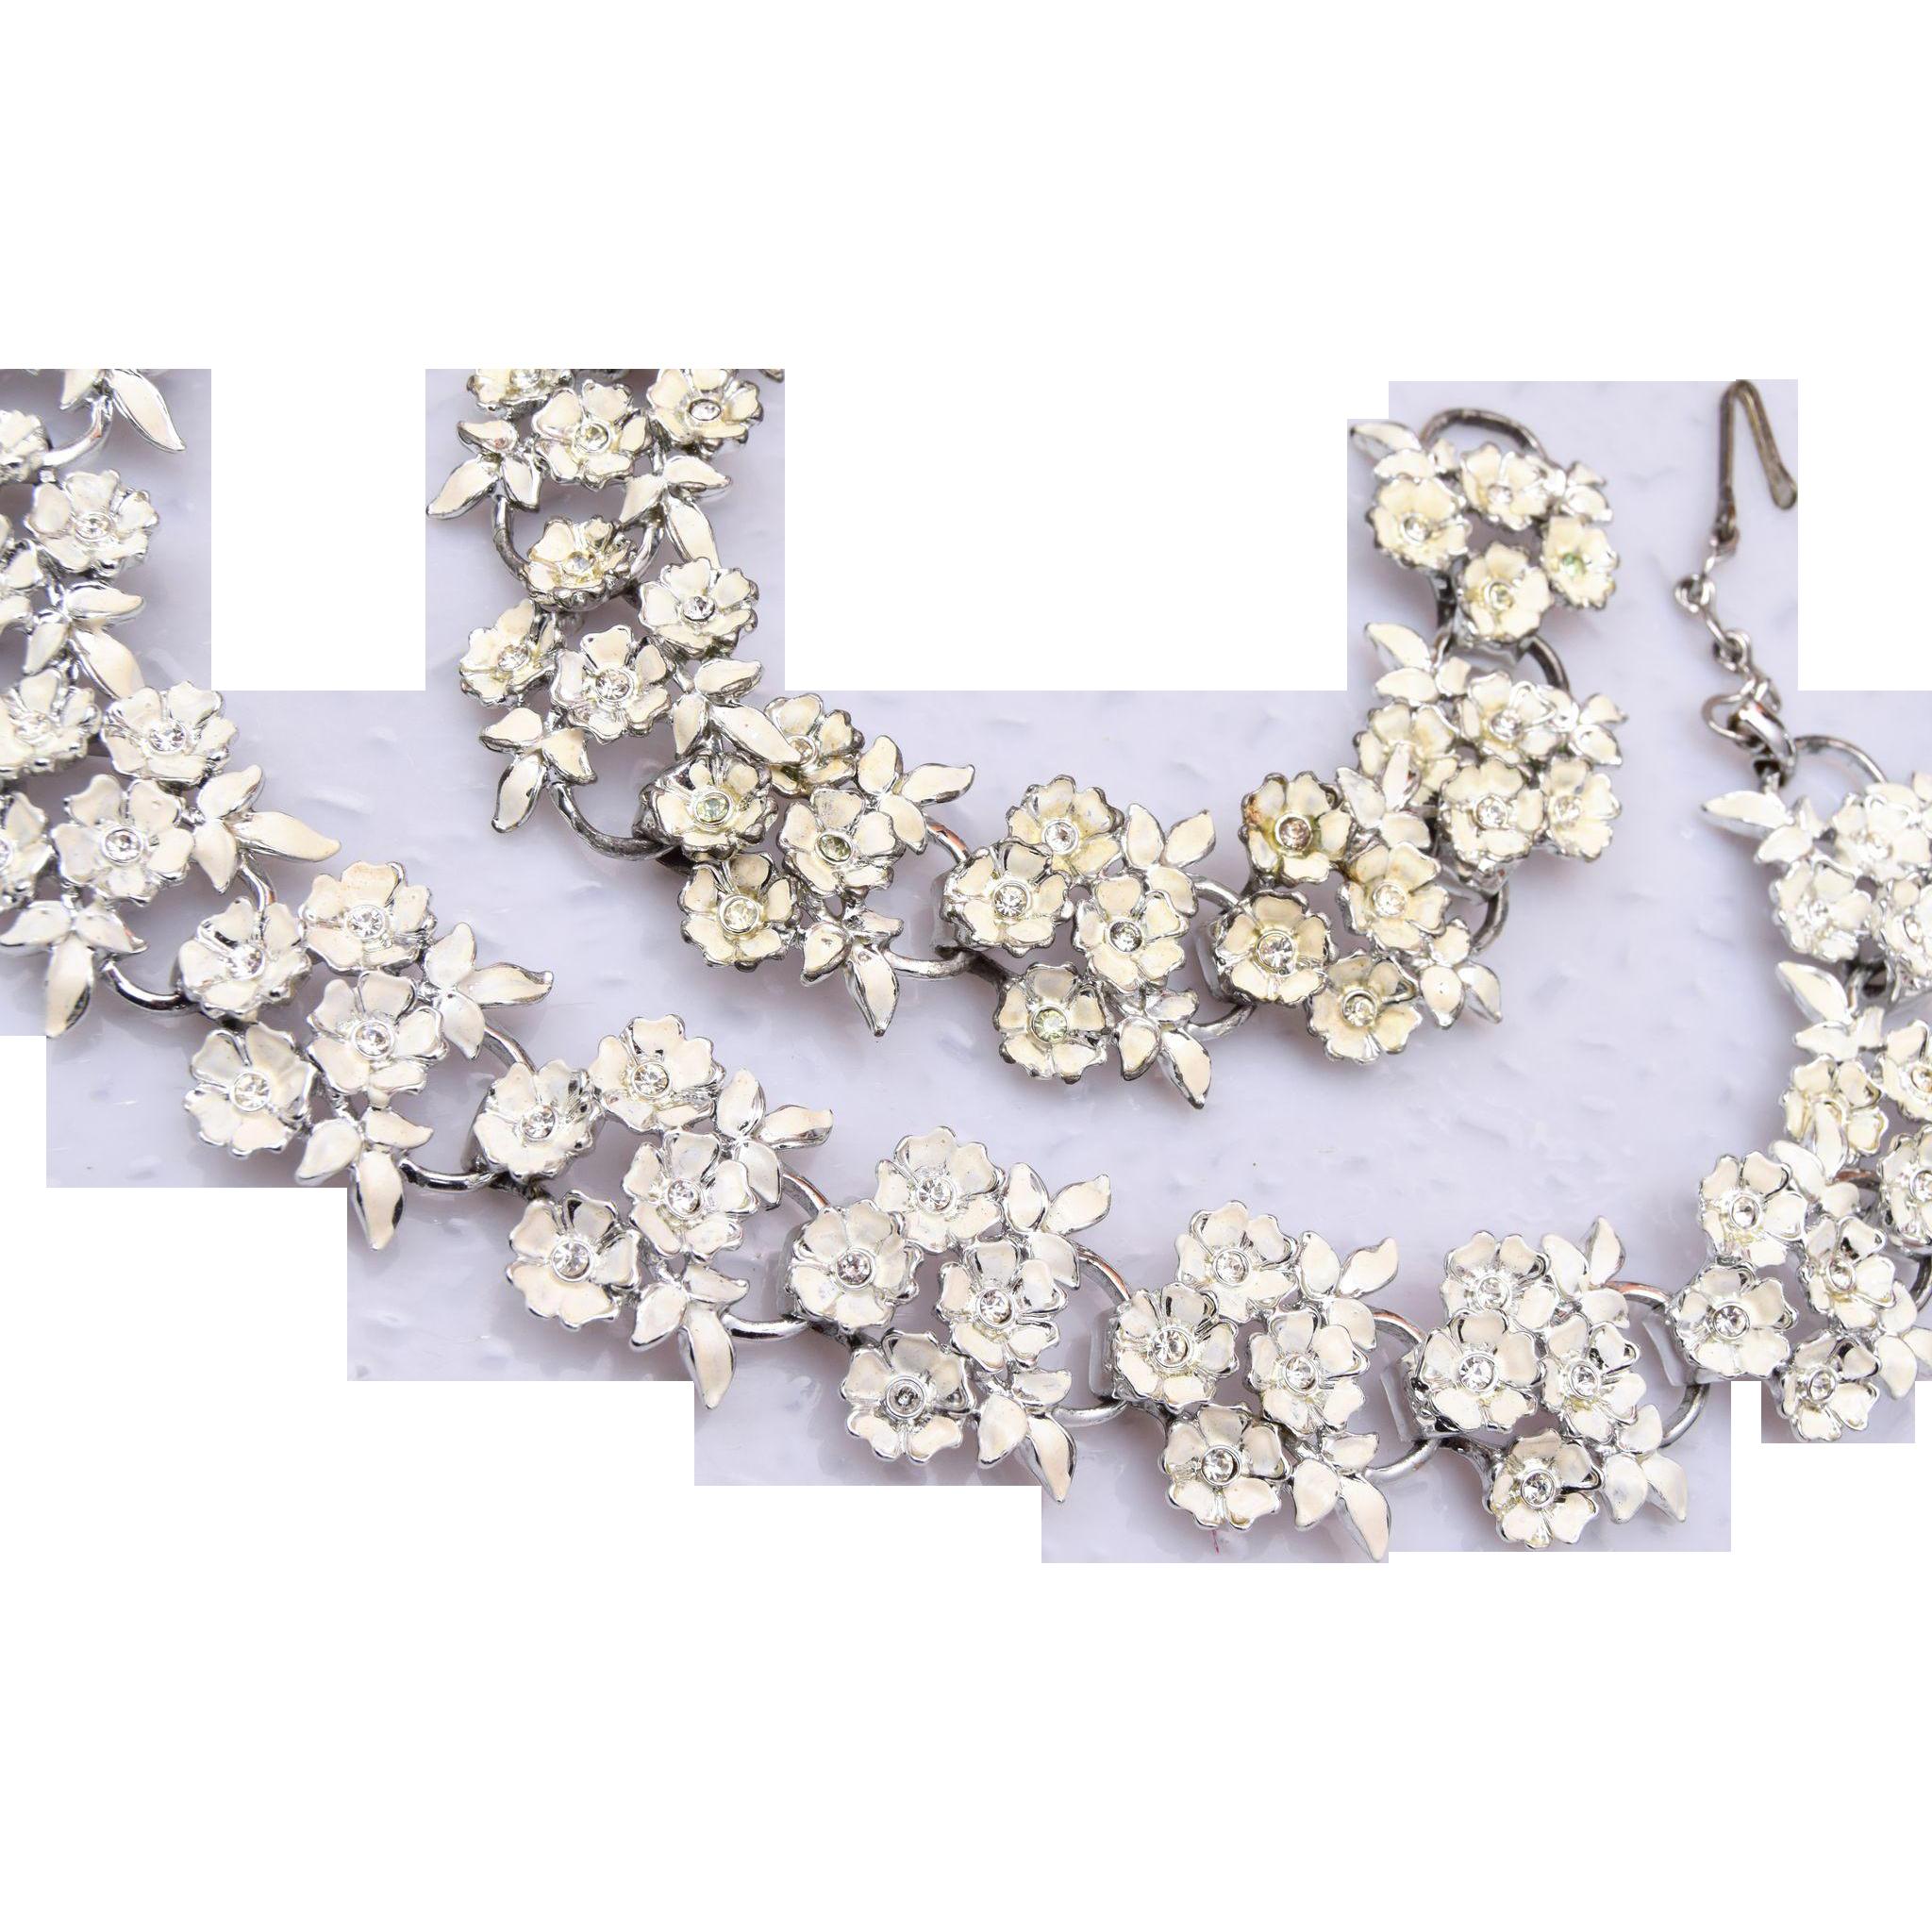 White Enameled Flower and Rhinestone Necklace and Bracelet Set